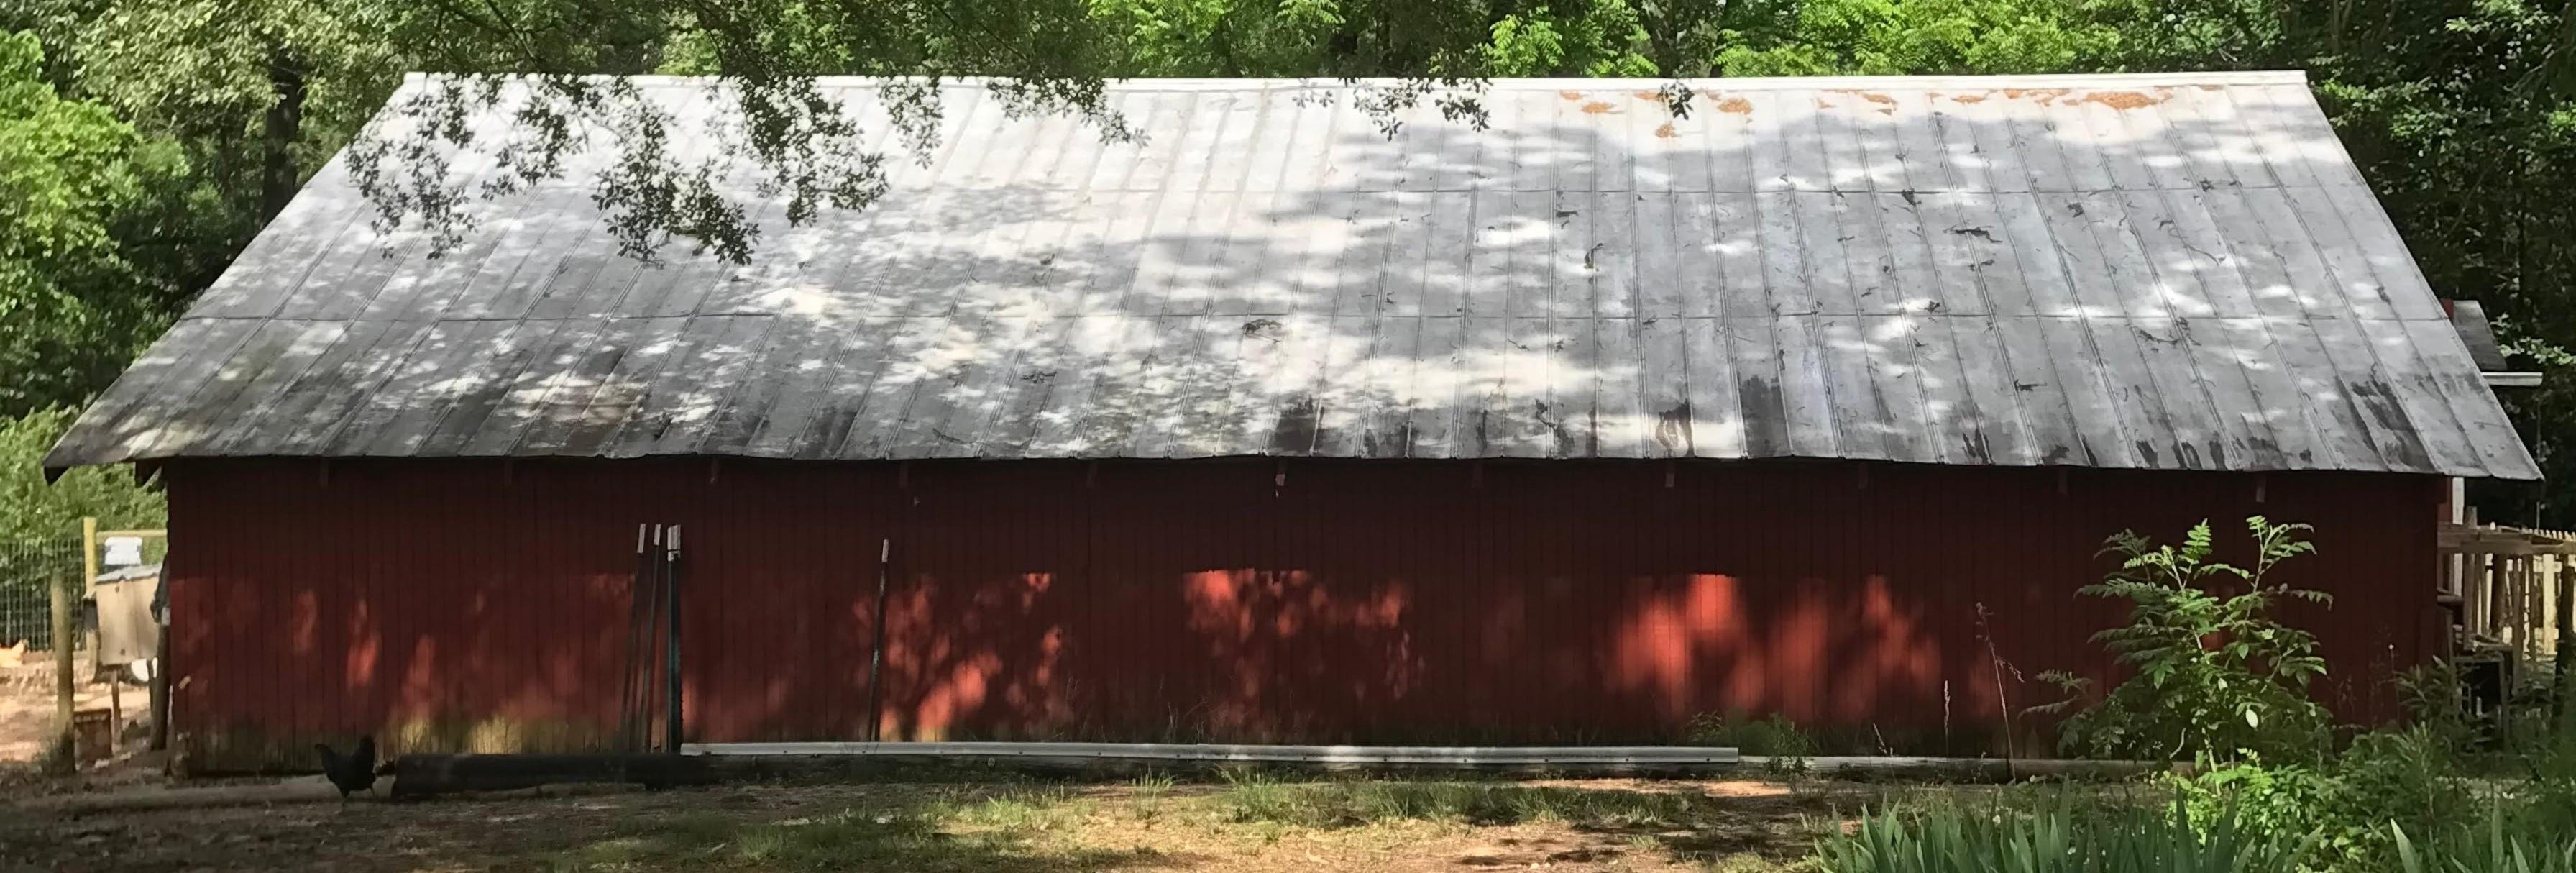 barn-side-cut-down.jpg